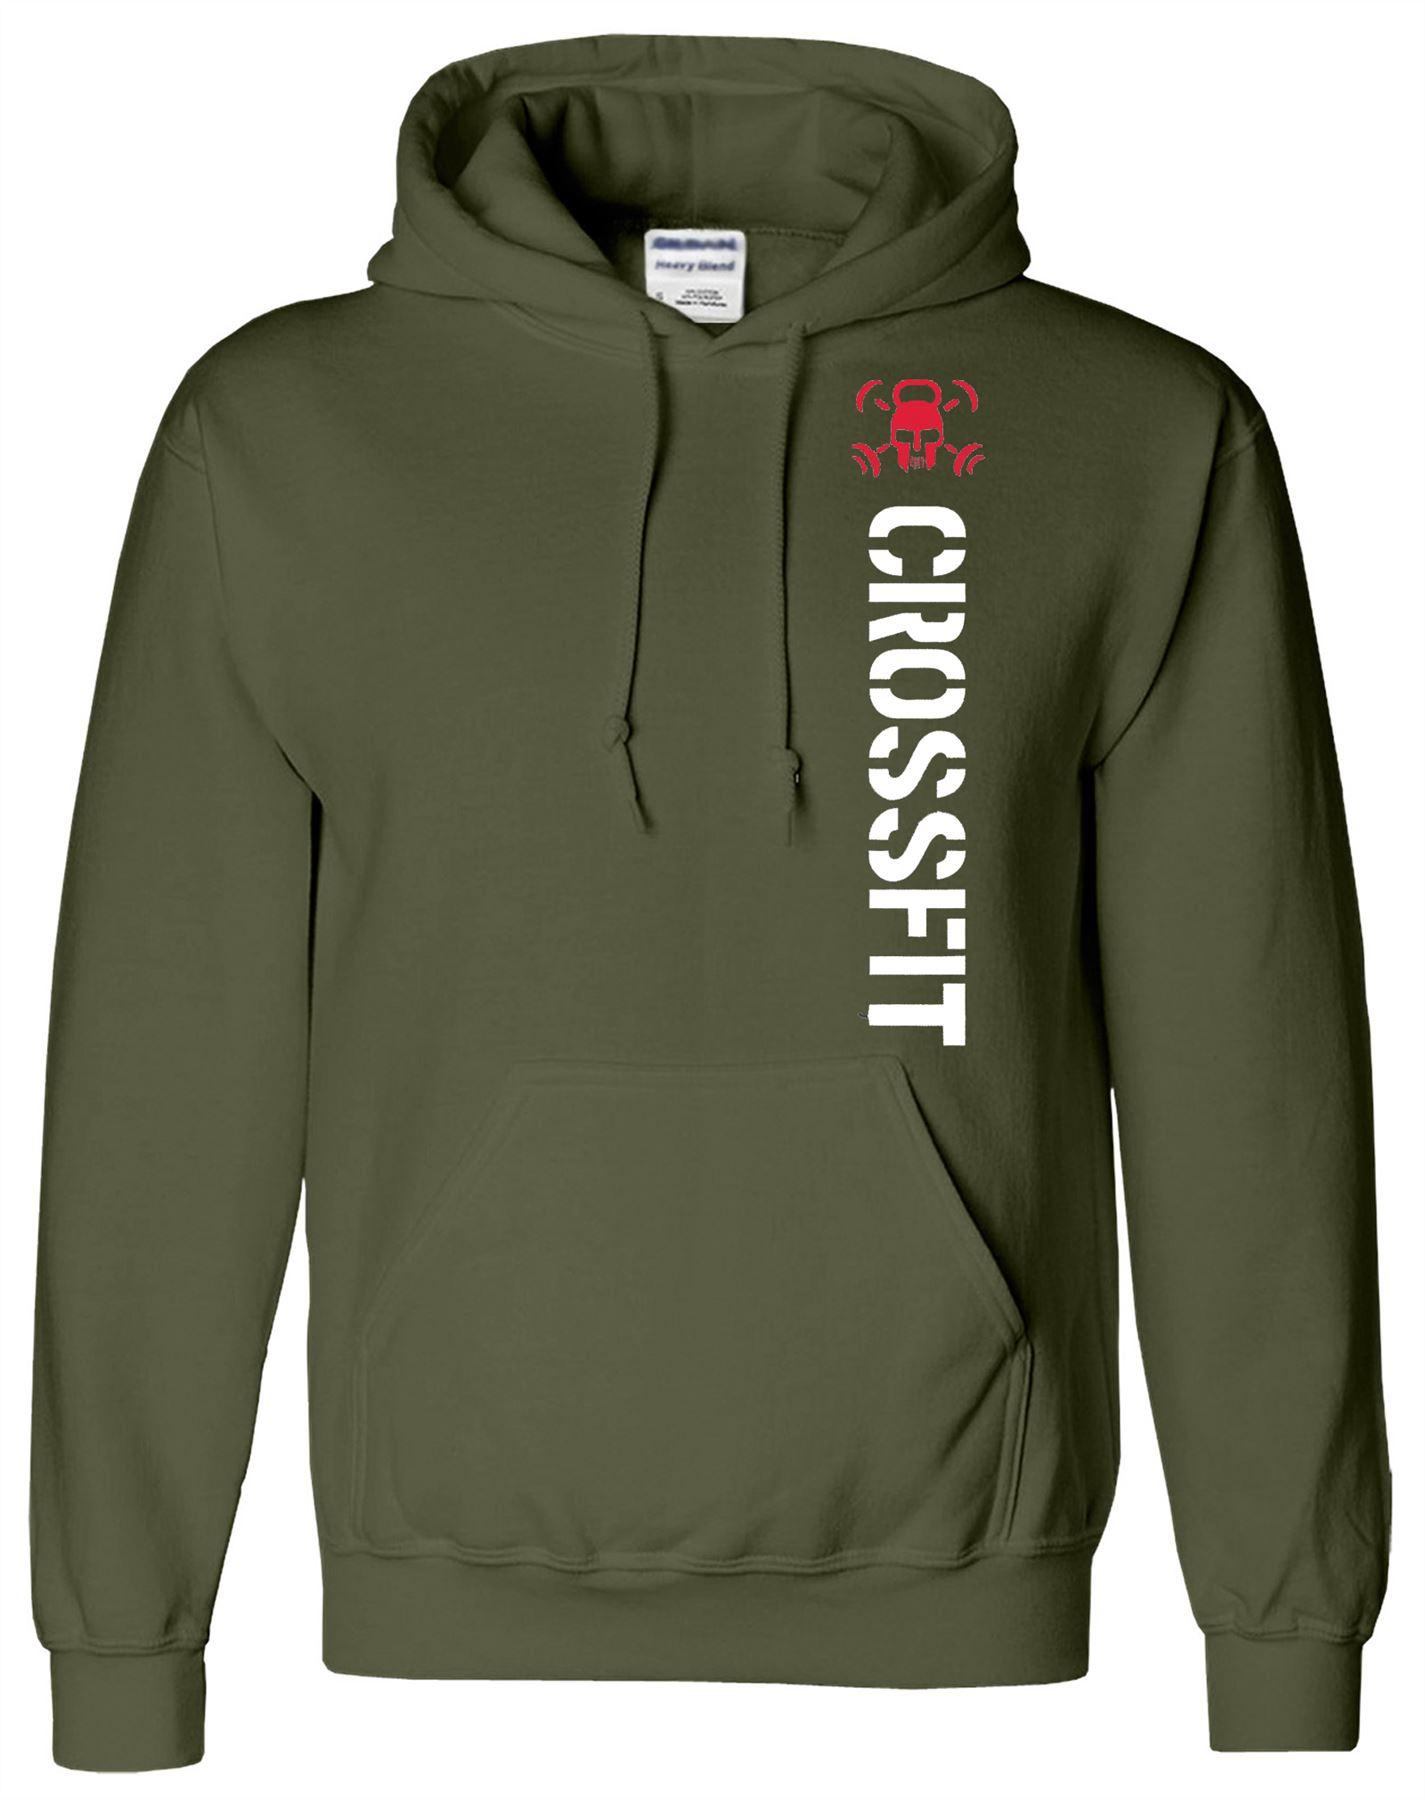 Crossfit hoodies